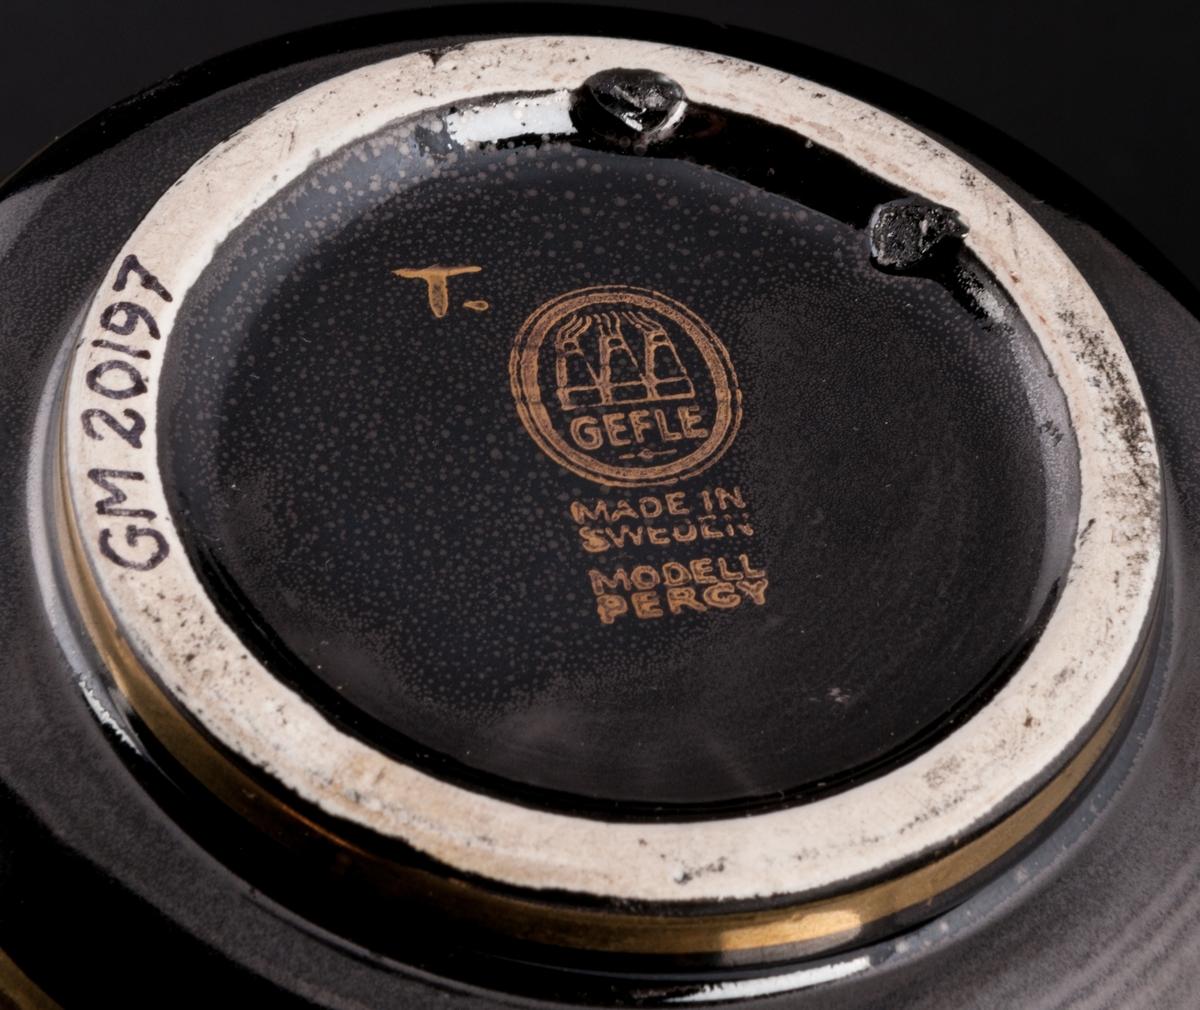 """Vas av flintgods, formgiven av Arthur Percy för Gefle Porslinsfabrik, modell -AQ. Rund, konisk nedåt. Räfflad på tvären. Rund fotring. Handmålad. Dekor, guldfärgat rutmönster i upplösning på utsidan mot svart glasyrfond. Dekor 207. Guldfärgad skorstensstämpel under med text """"Gefle Made in Sweden modell Percy"""" samt singerad """"T."""""""